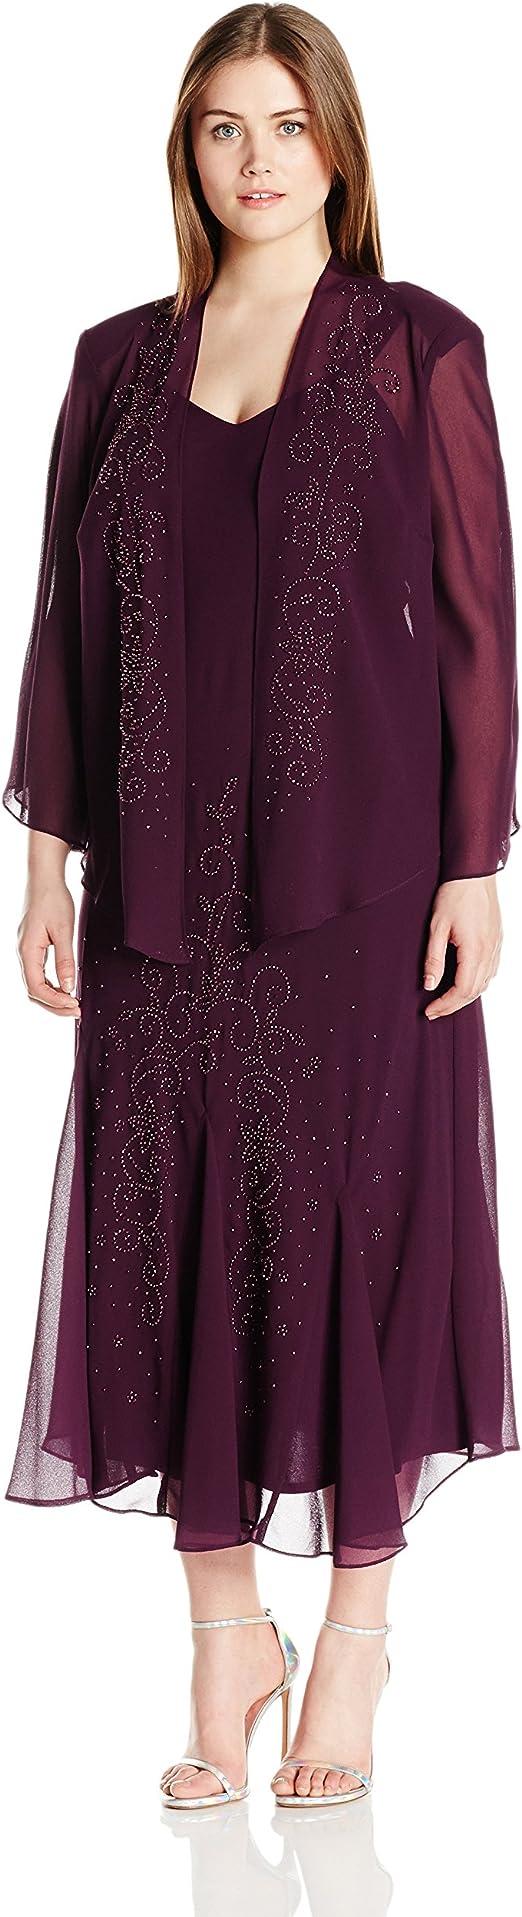 Women's Plus Size Beaded Chiffon Jacket Dress